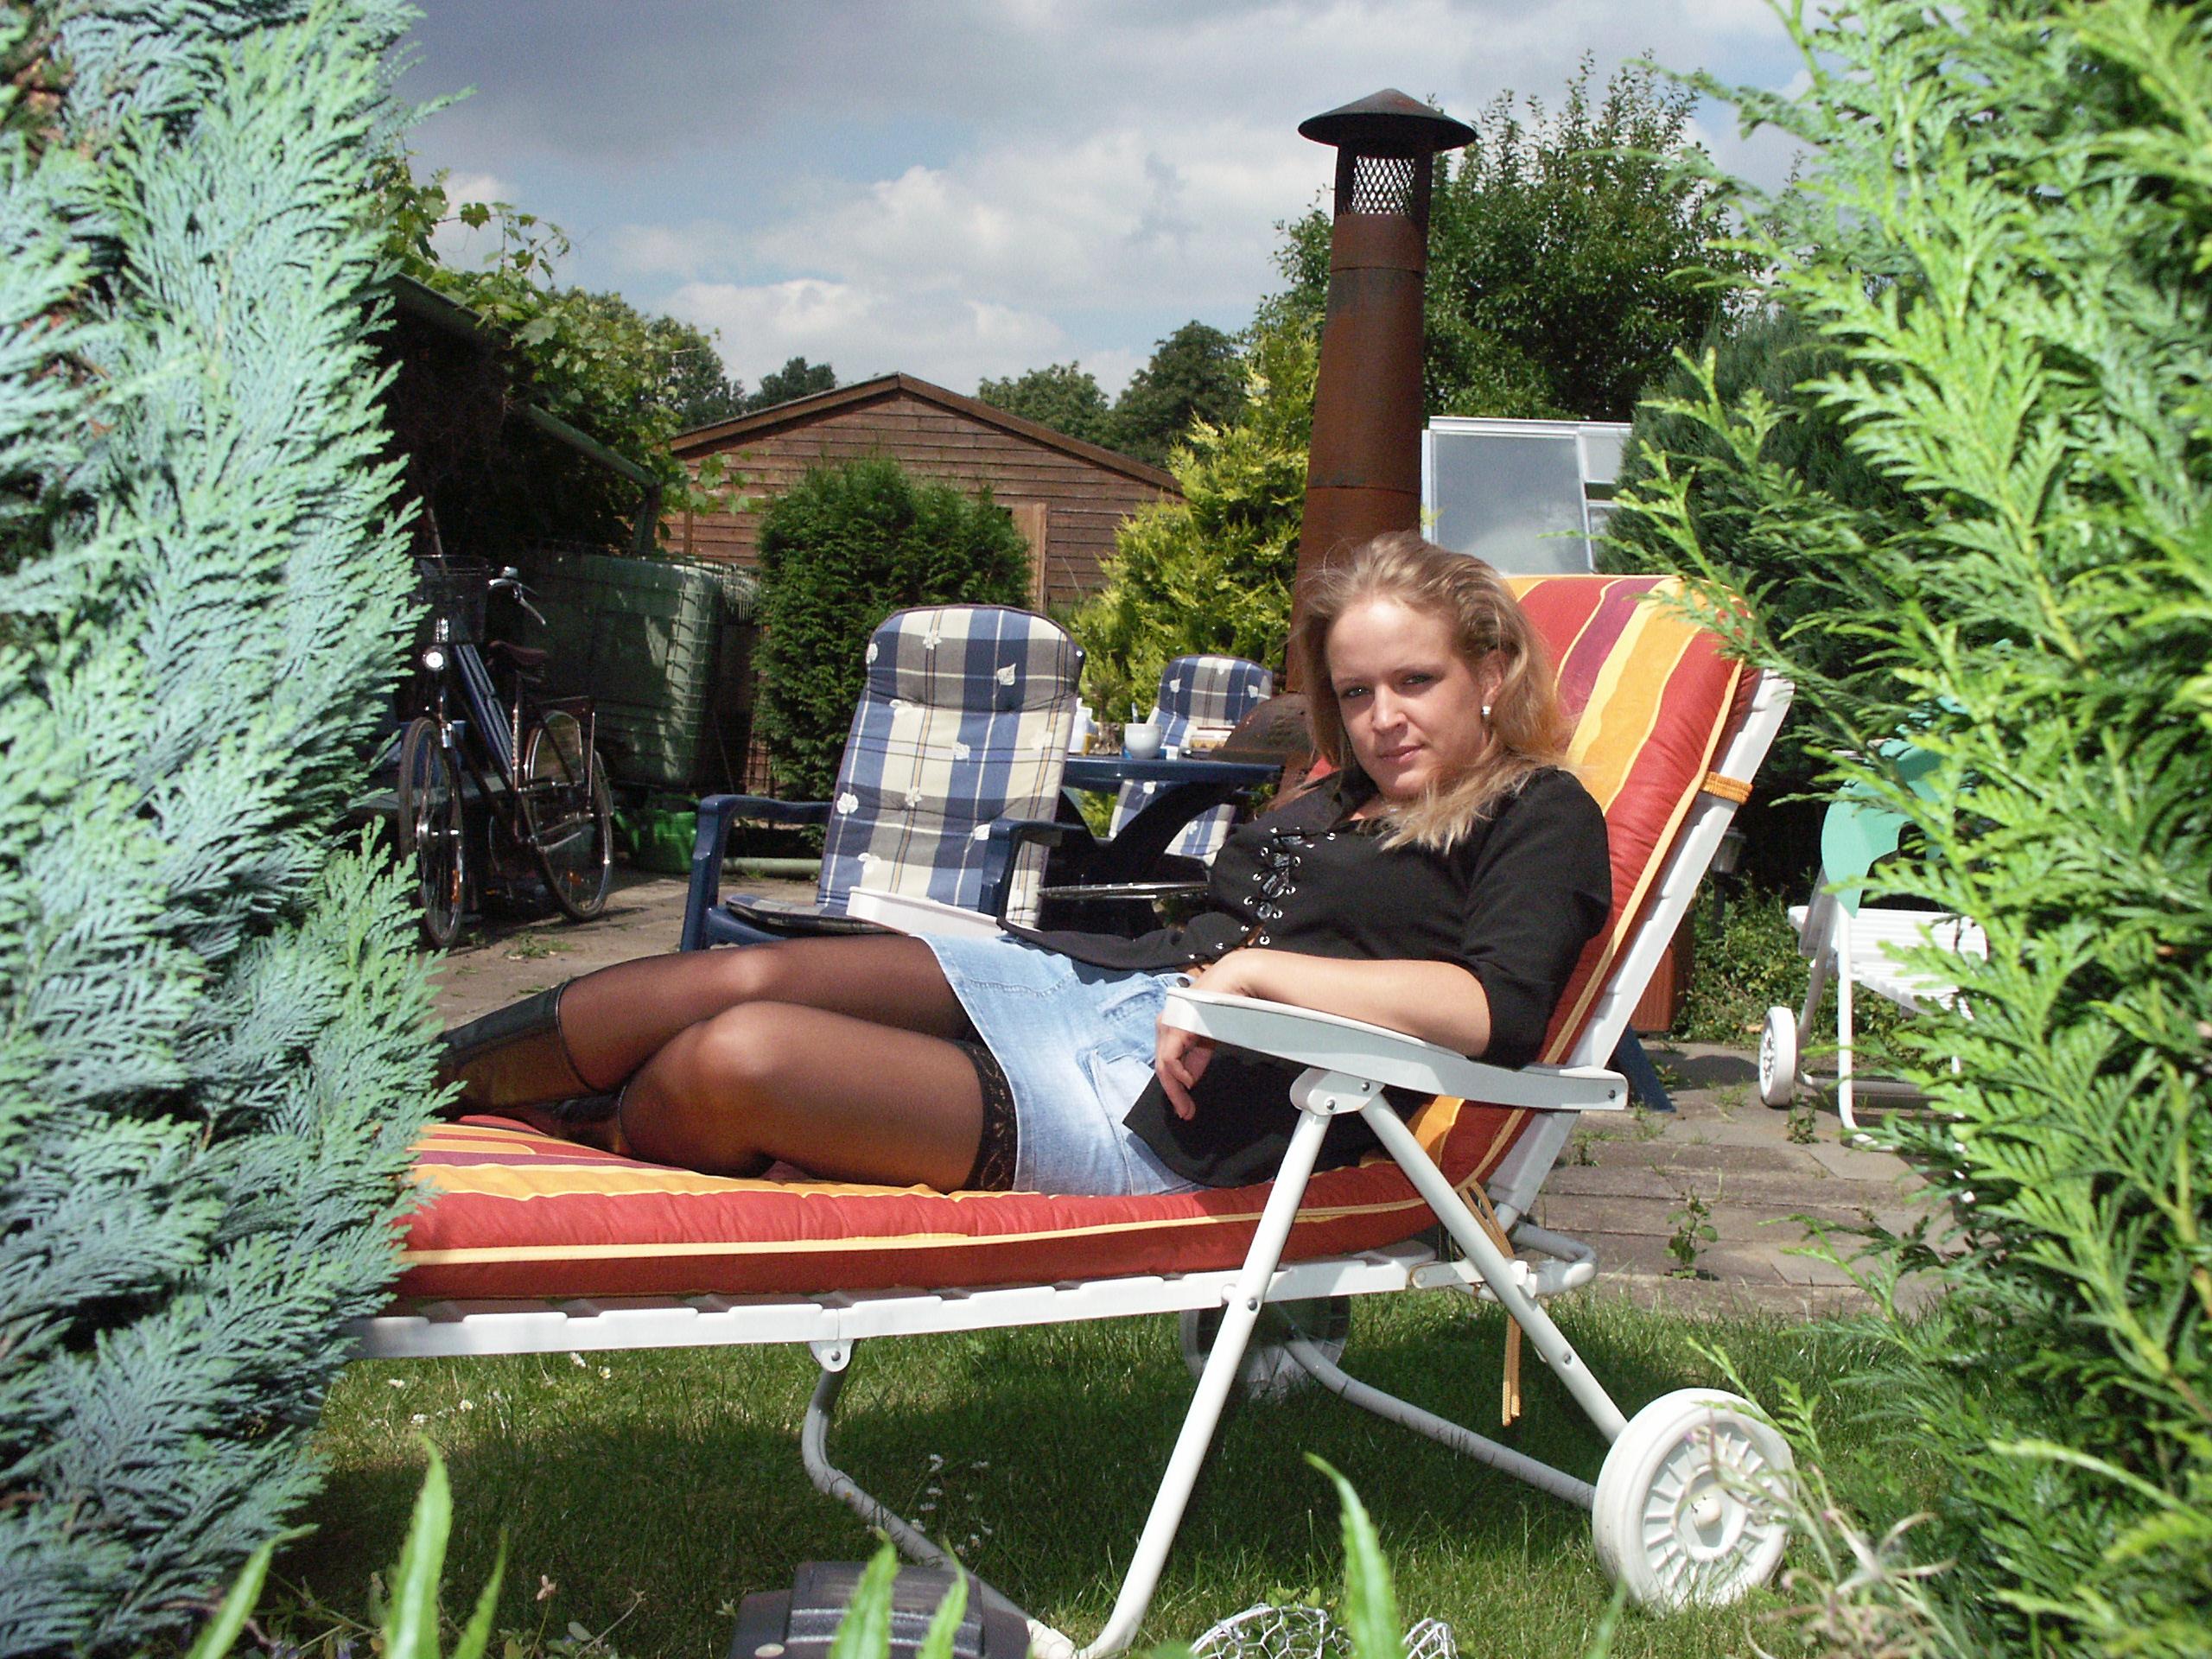 Anneke, 27, Ingolstadt: Kuschelige mag Kuschelsex